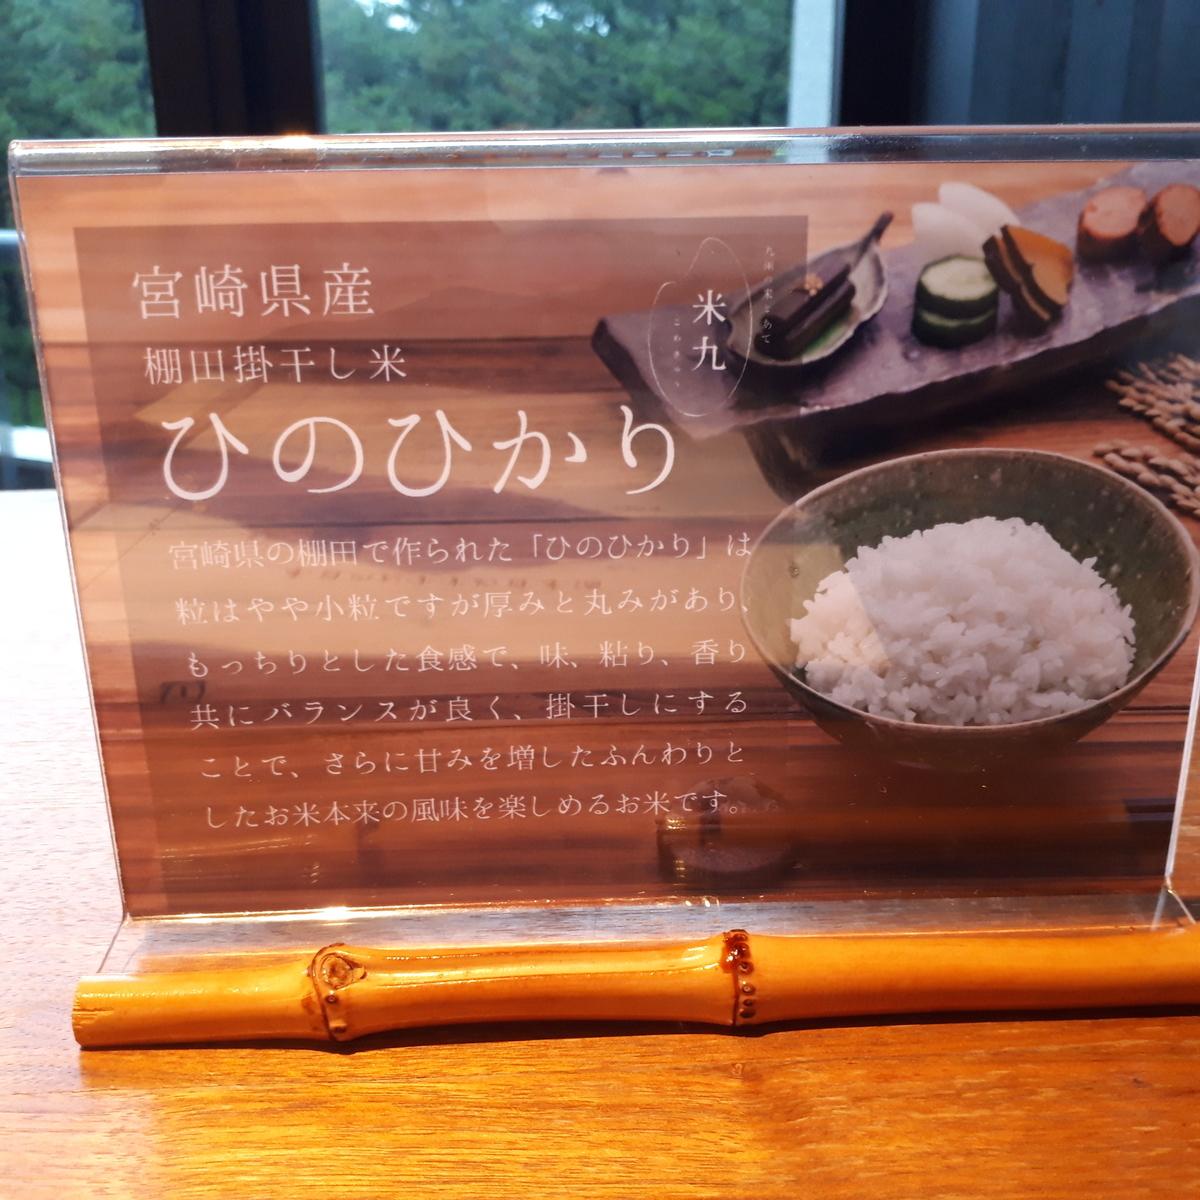 シェラトングランデオーシャンリゾート 米九 ご飯 棚田掛干し米 ひのひかり